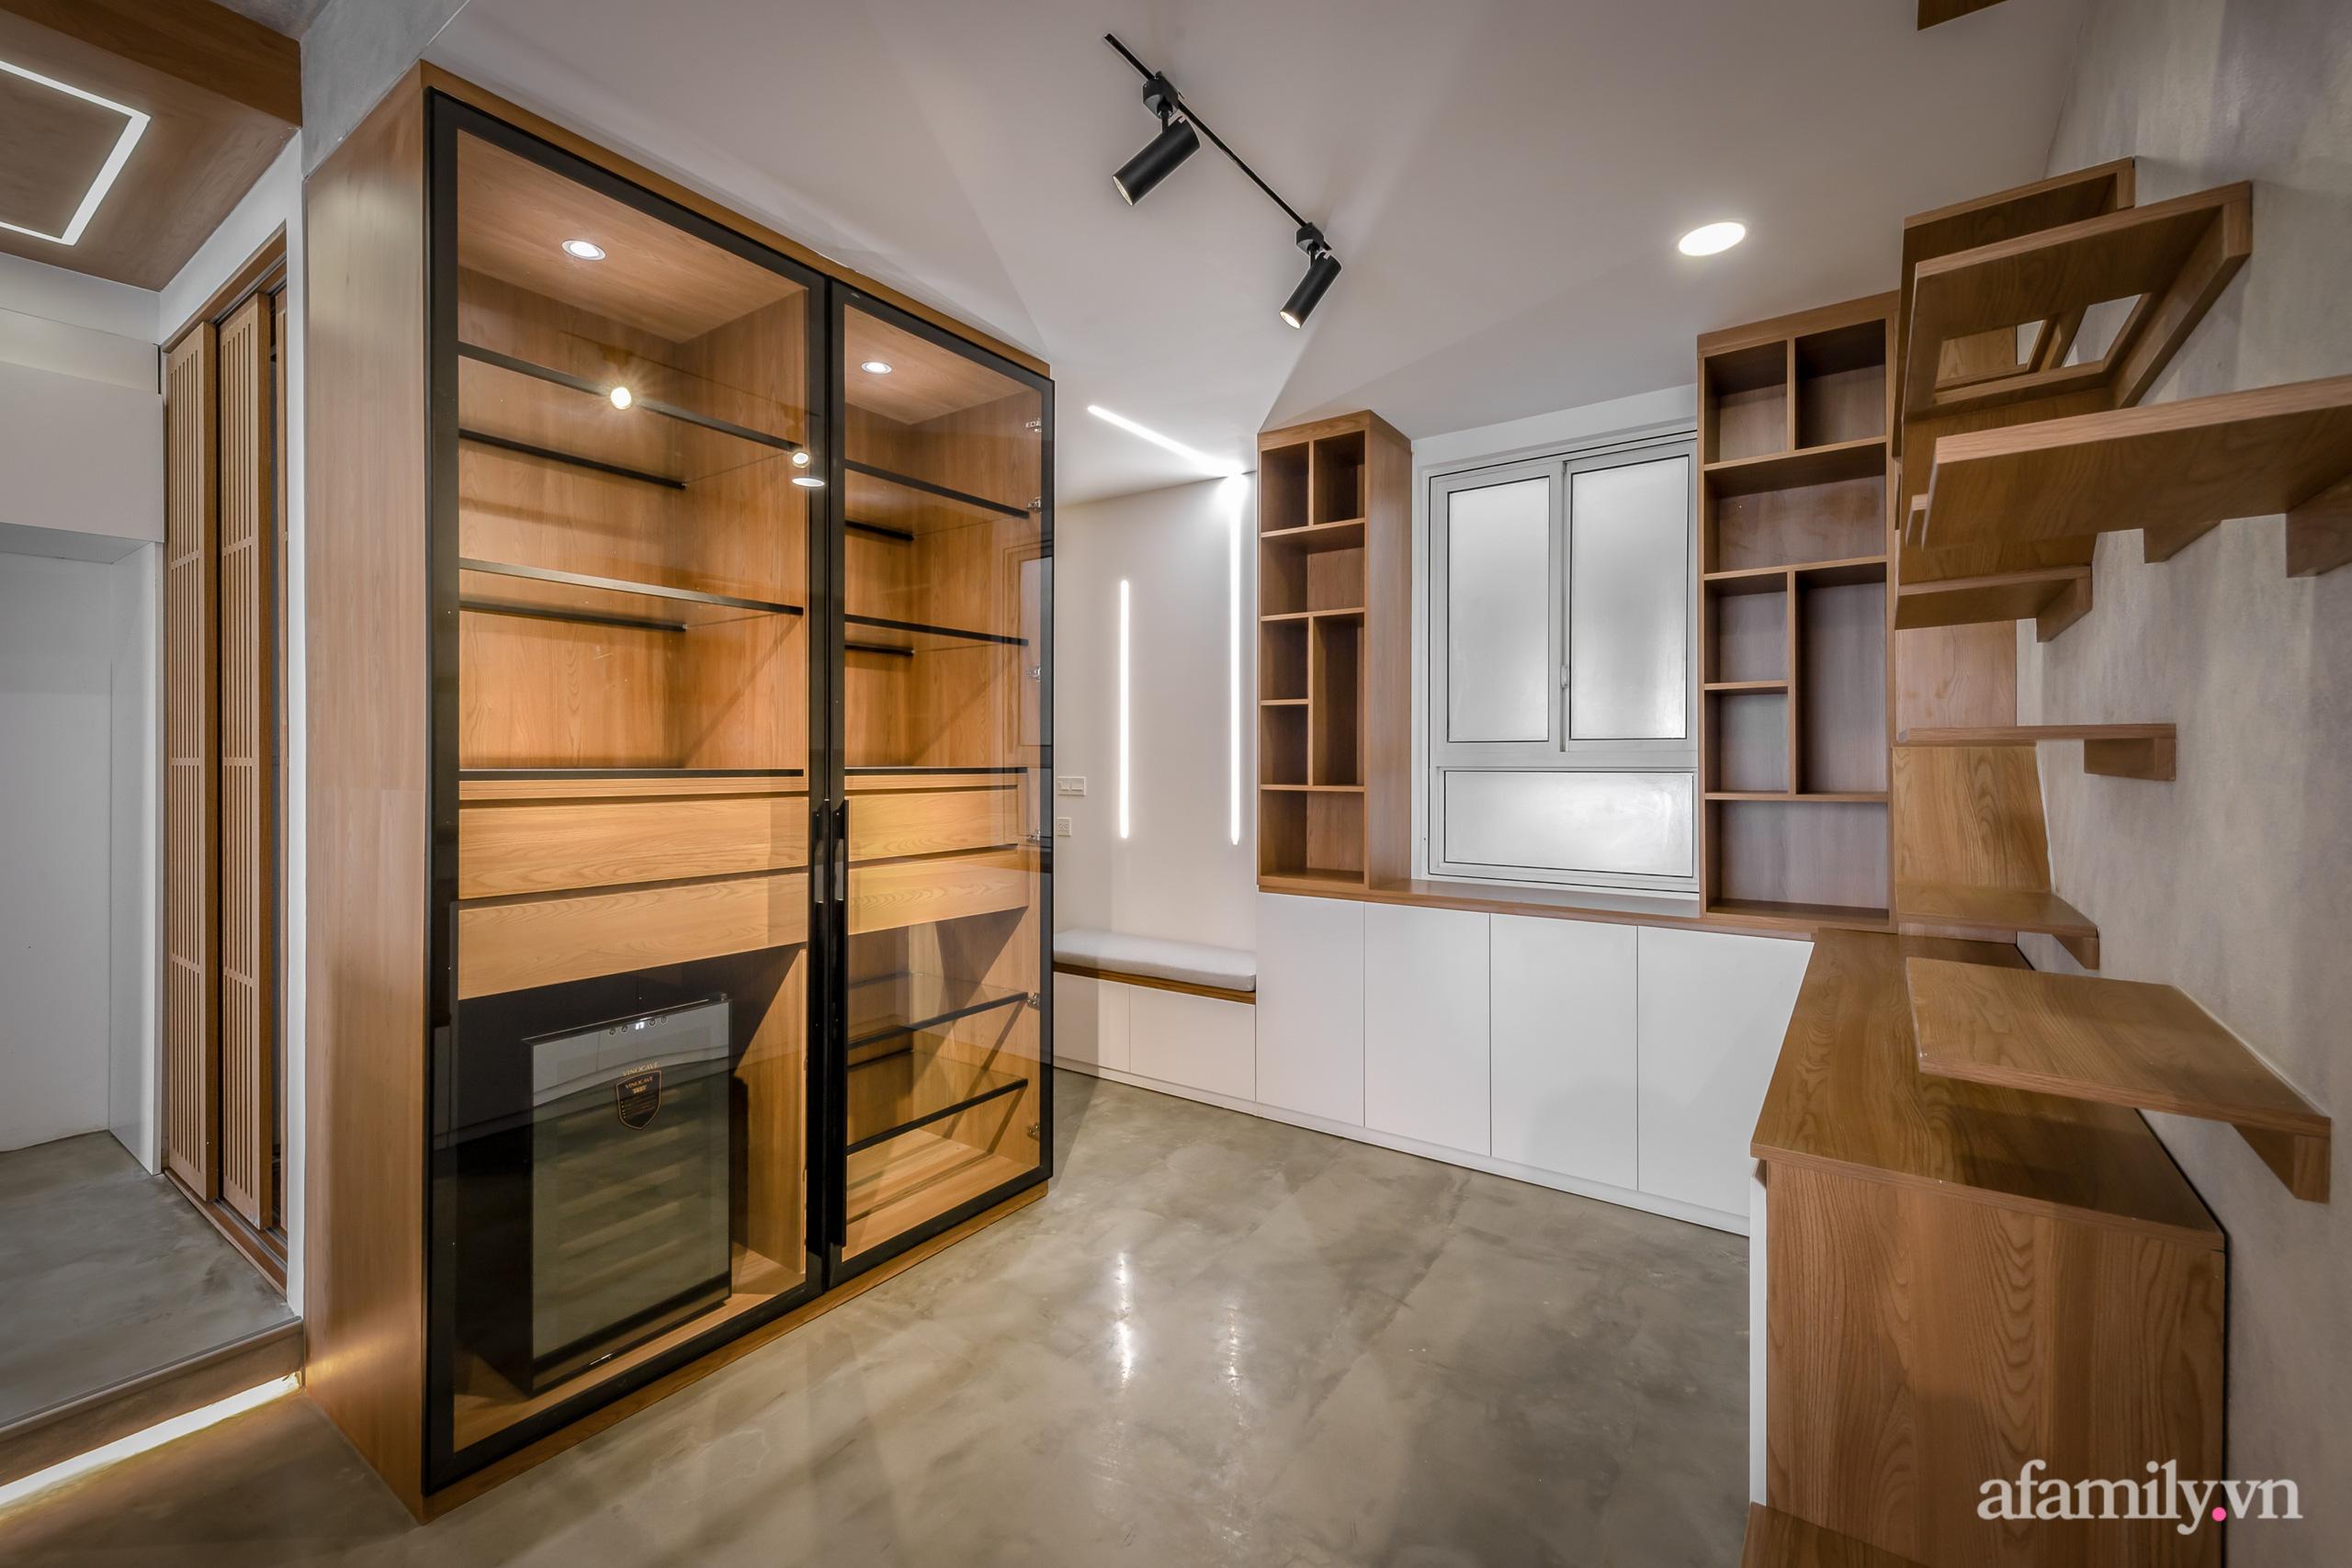 Căn hộ 106m² đẹp cá tính với hiệu ứng bê tông cùng phong cách tối giản có chi phí hoàn thiện 950 triệu đồng ở Sài Gòn - Ảnh 12.